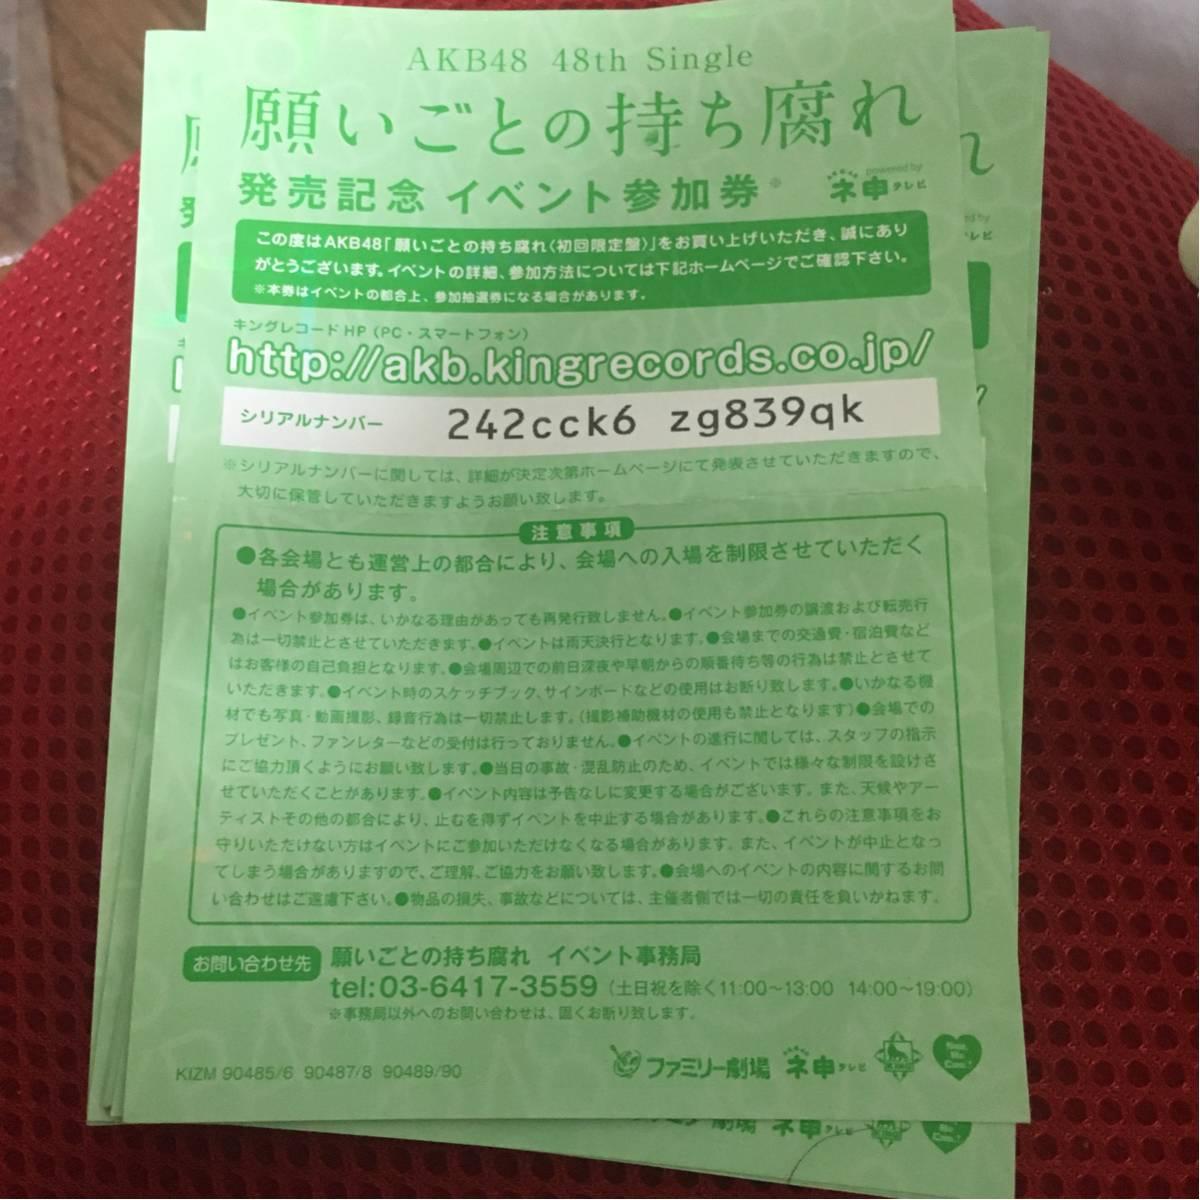 AKB48 願い事の持ち腐れ イベント参加券 全握券 10枚セット ライブ・総選挙グッズの画像